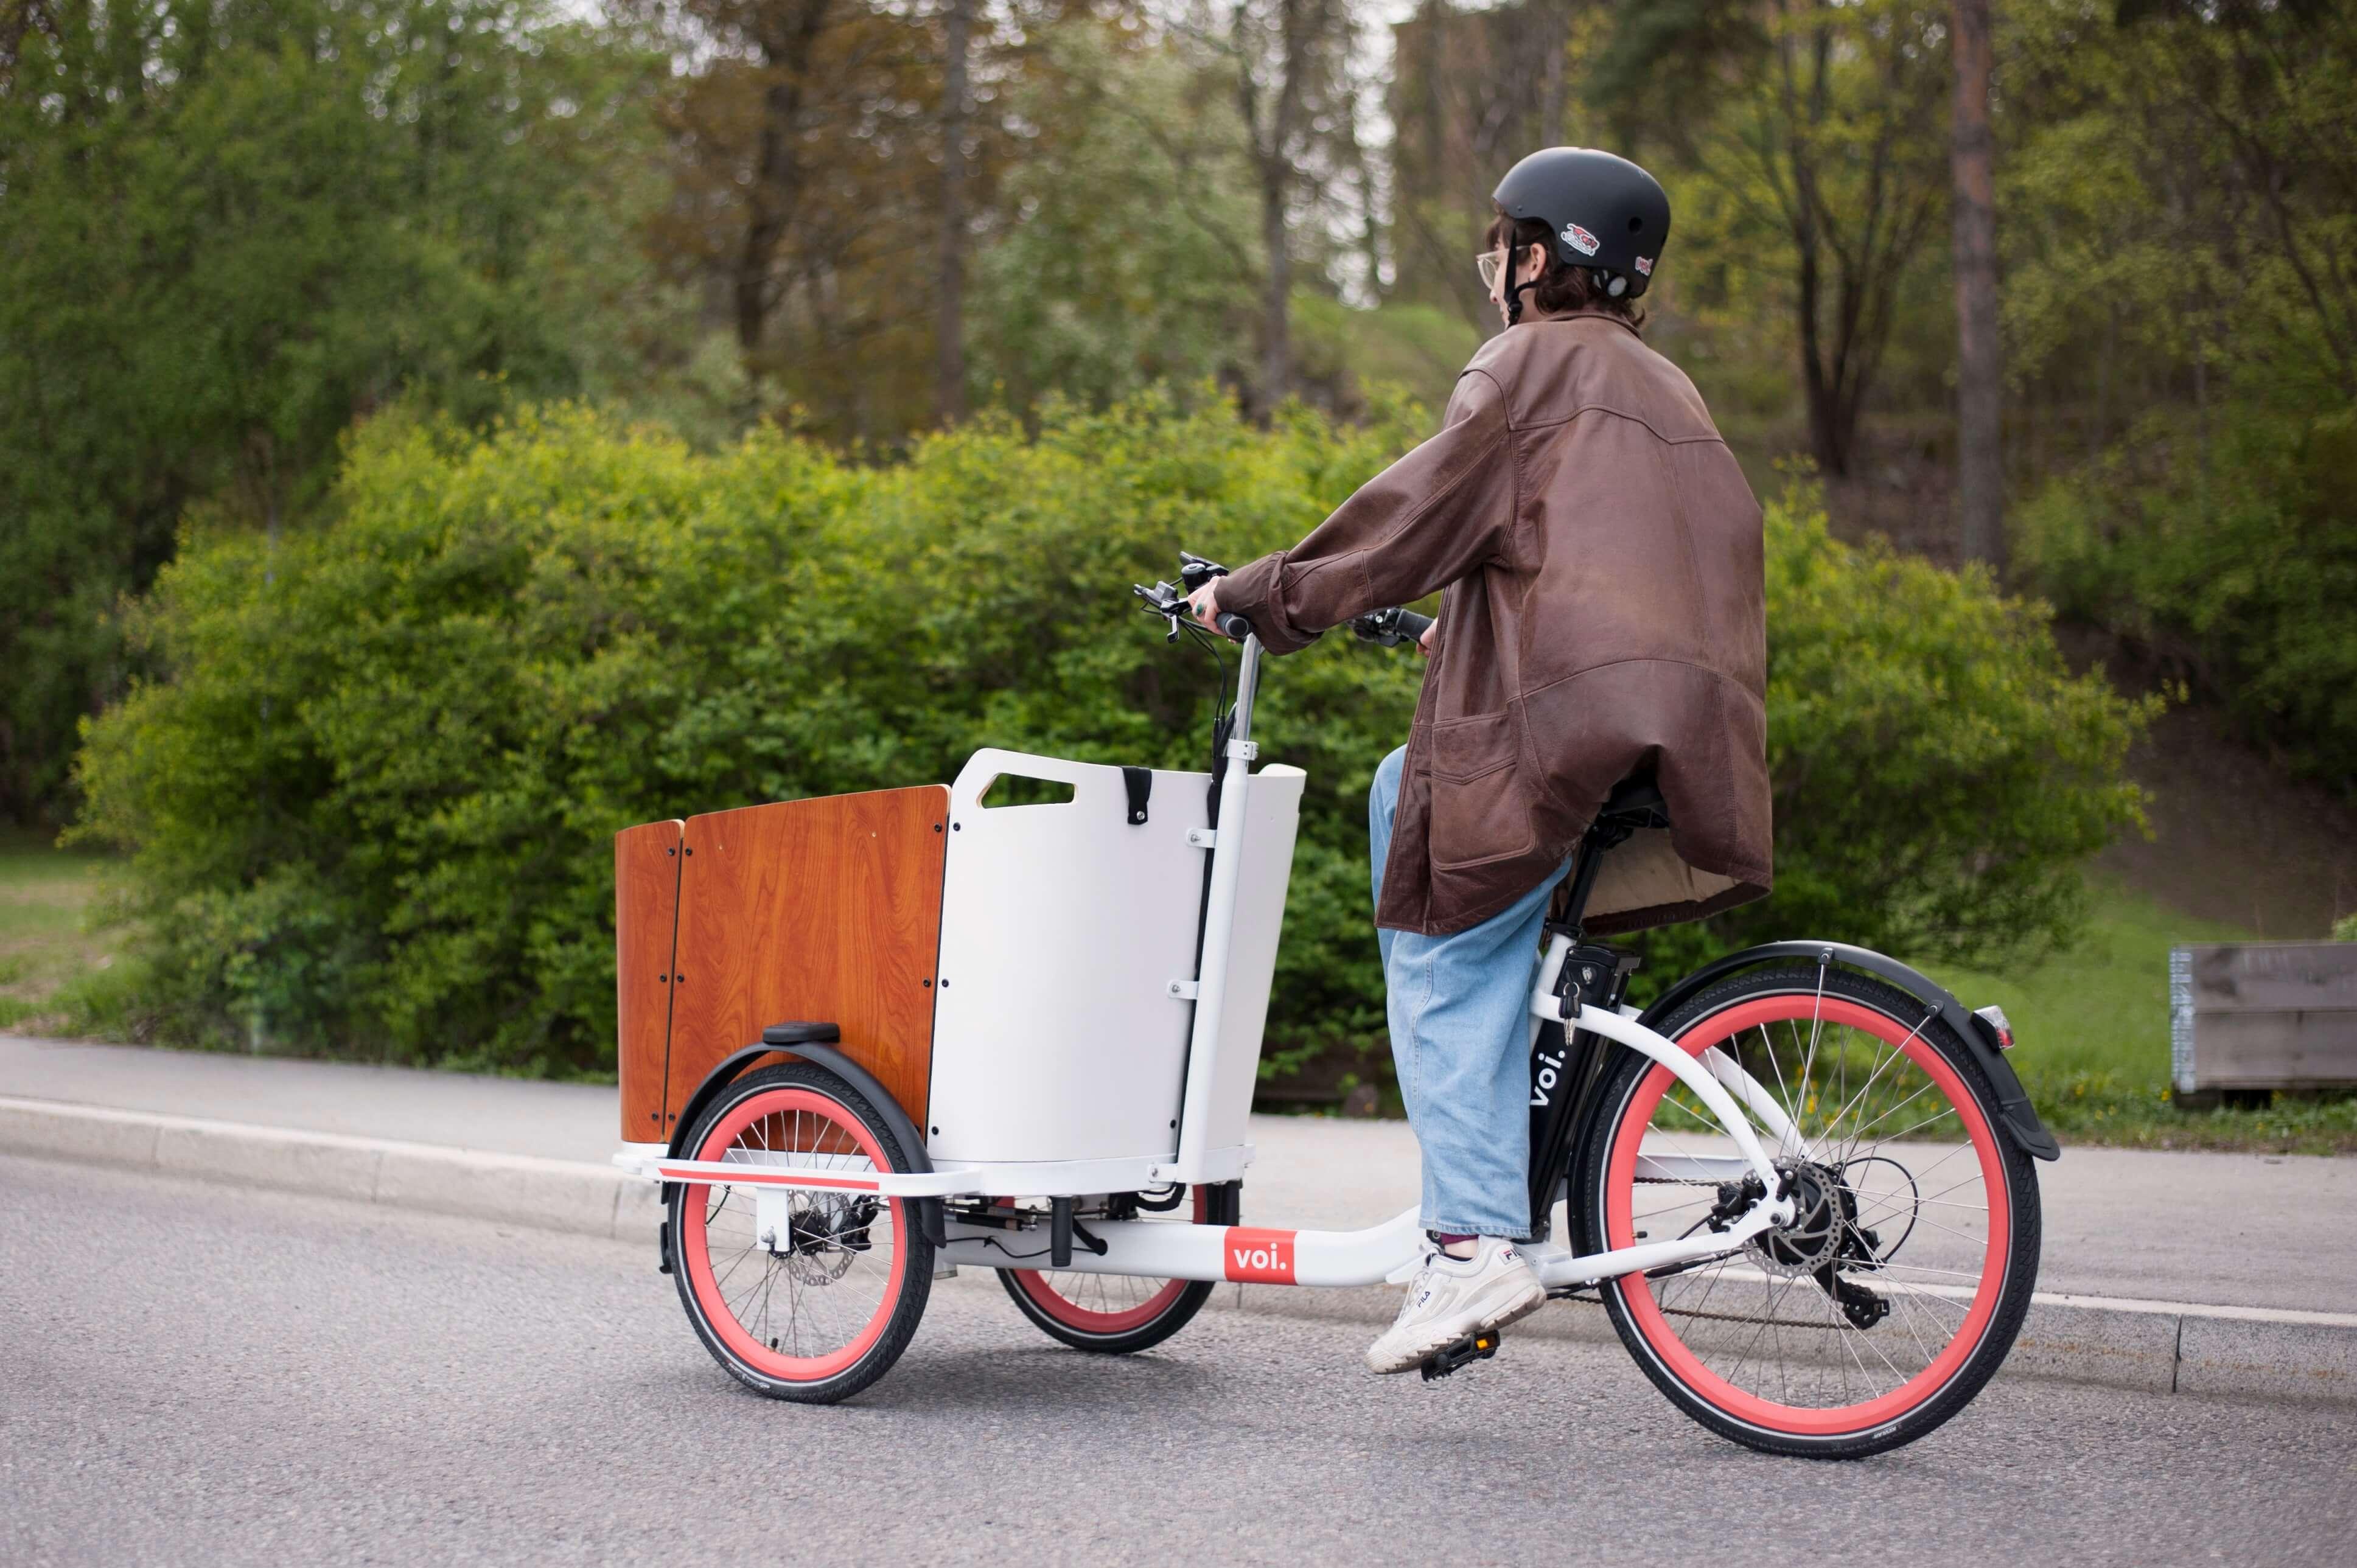 VOI y sus patinetes eléctricos quieren llegar a 150 ciudades